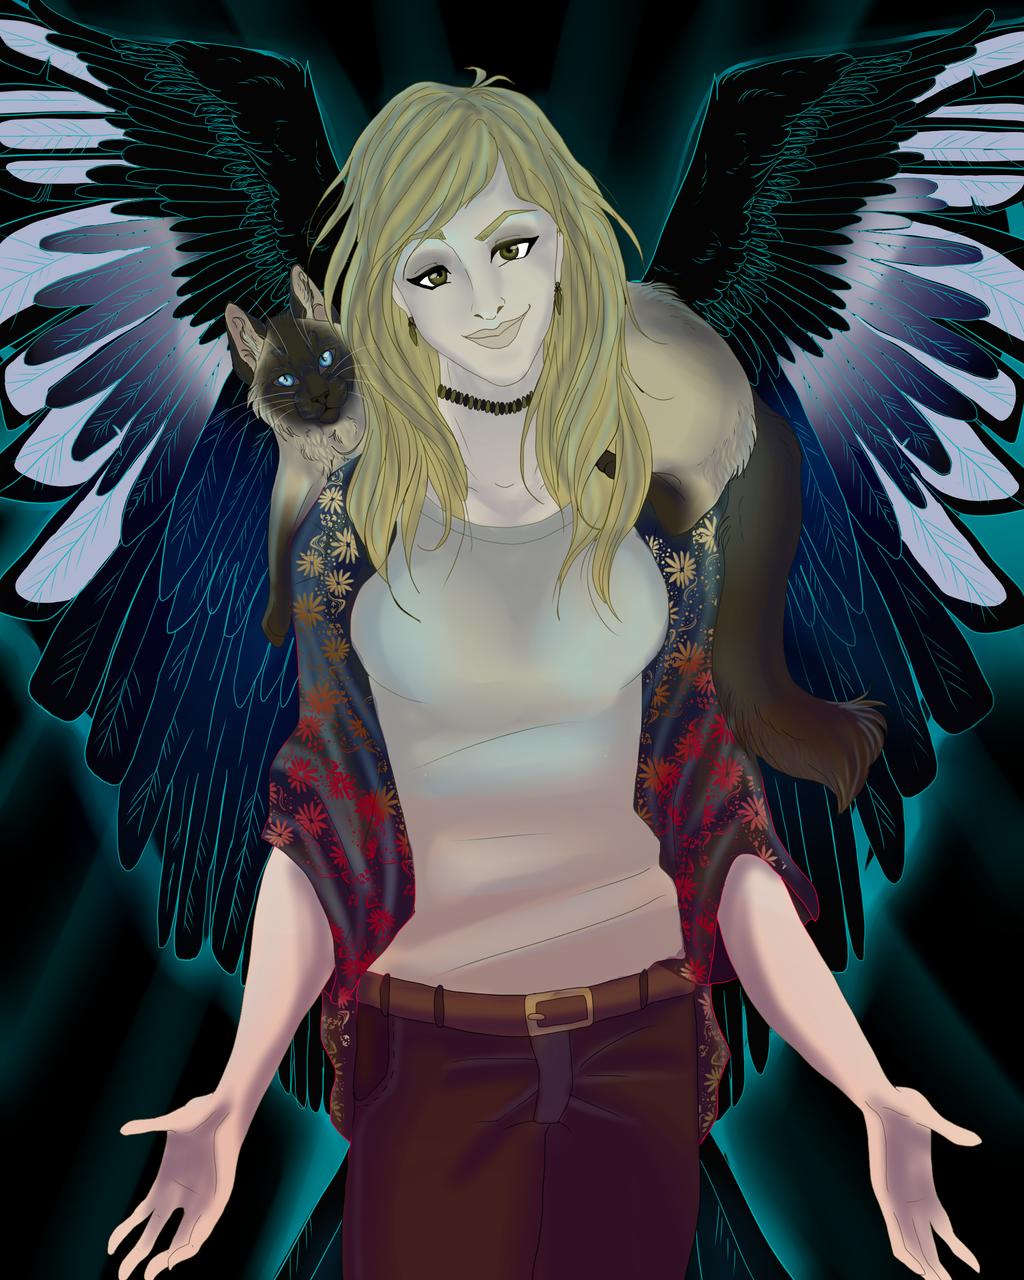 X-x-Magpie-x-X's Profile Picture